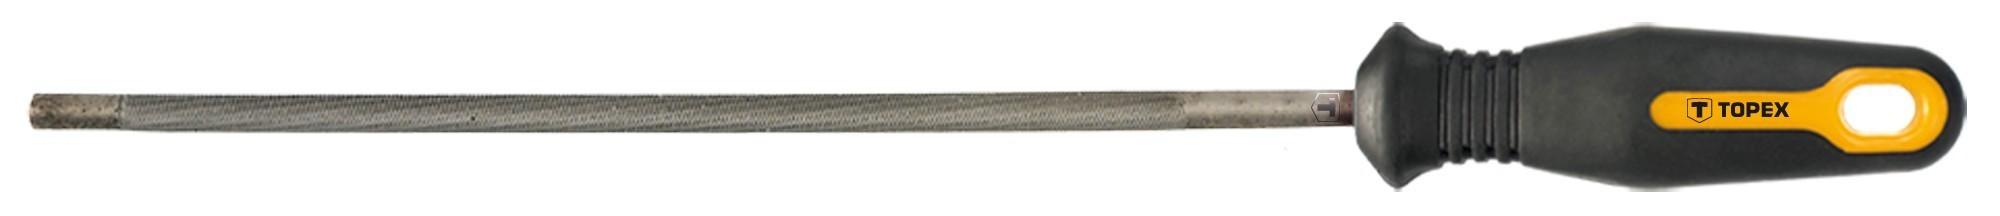 Láncfûrész reszelõ 4 mm x 200 mm | TOPEX 06A786